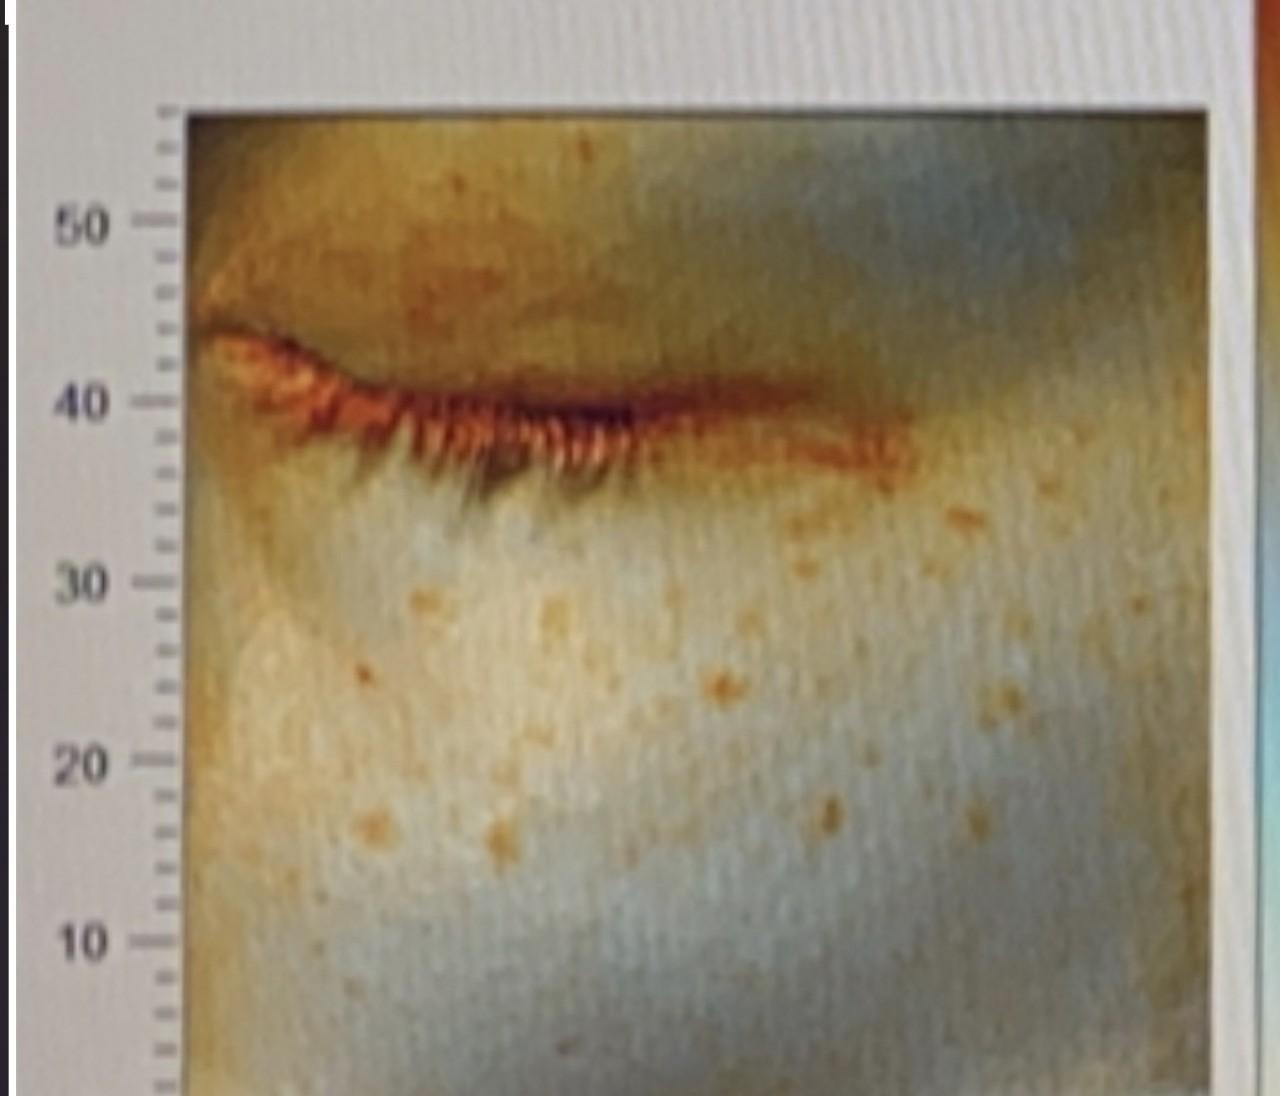 【経過写真】美容皮膚科のレーザーでシミ取り治療!アラサースキンケア